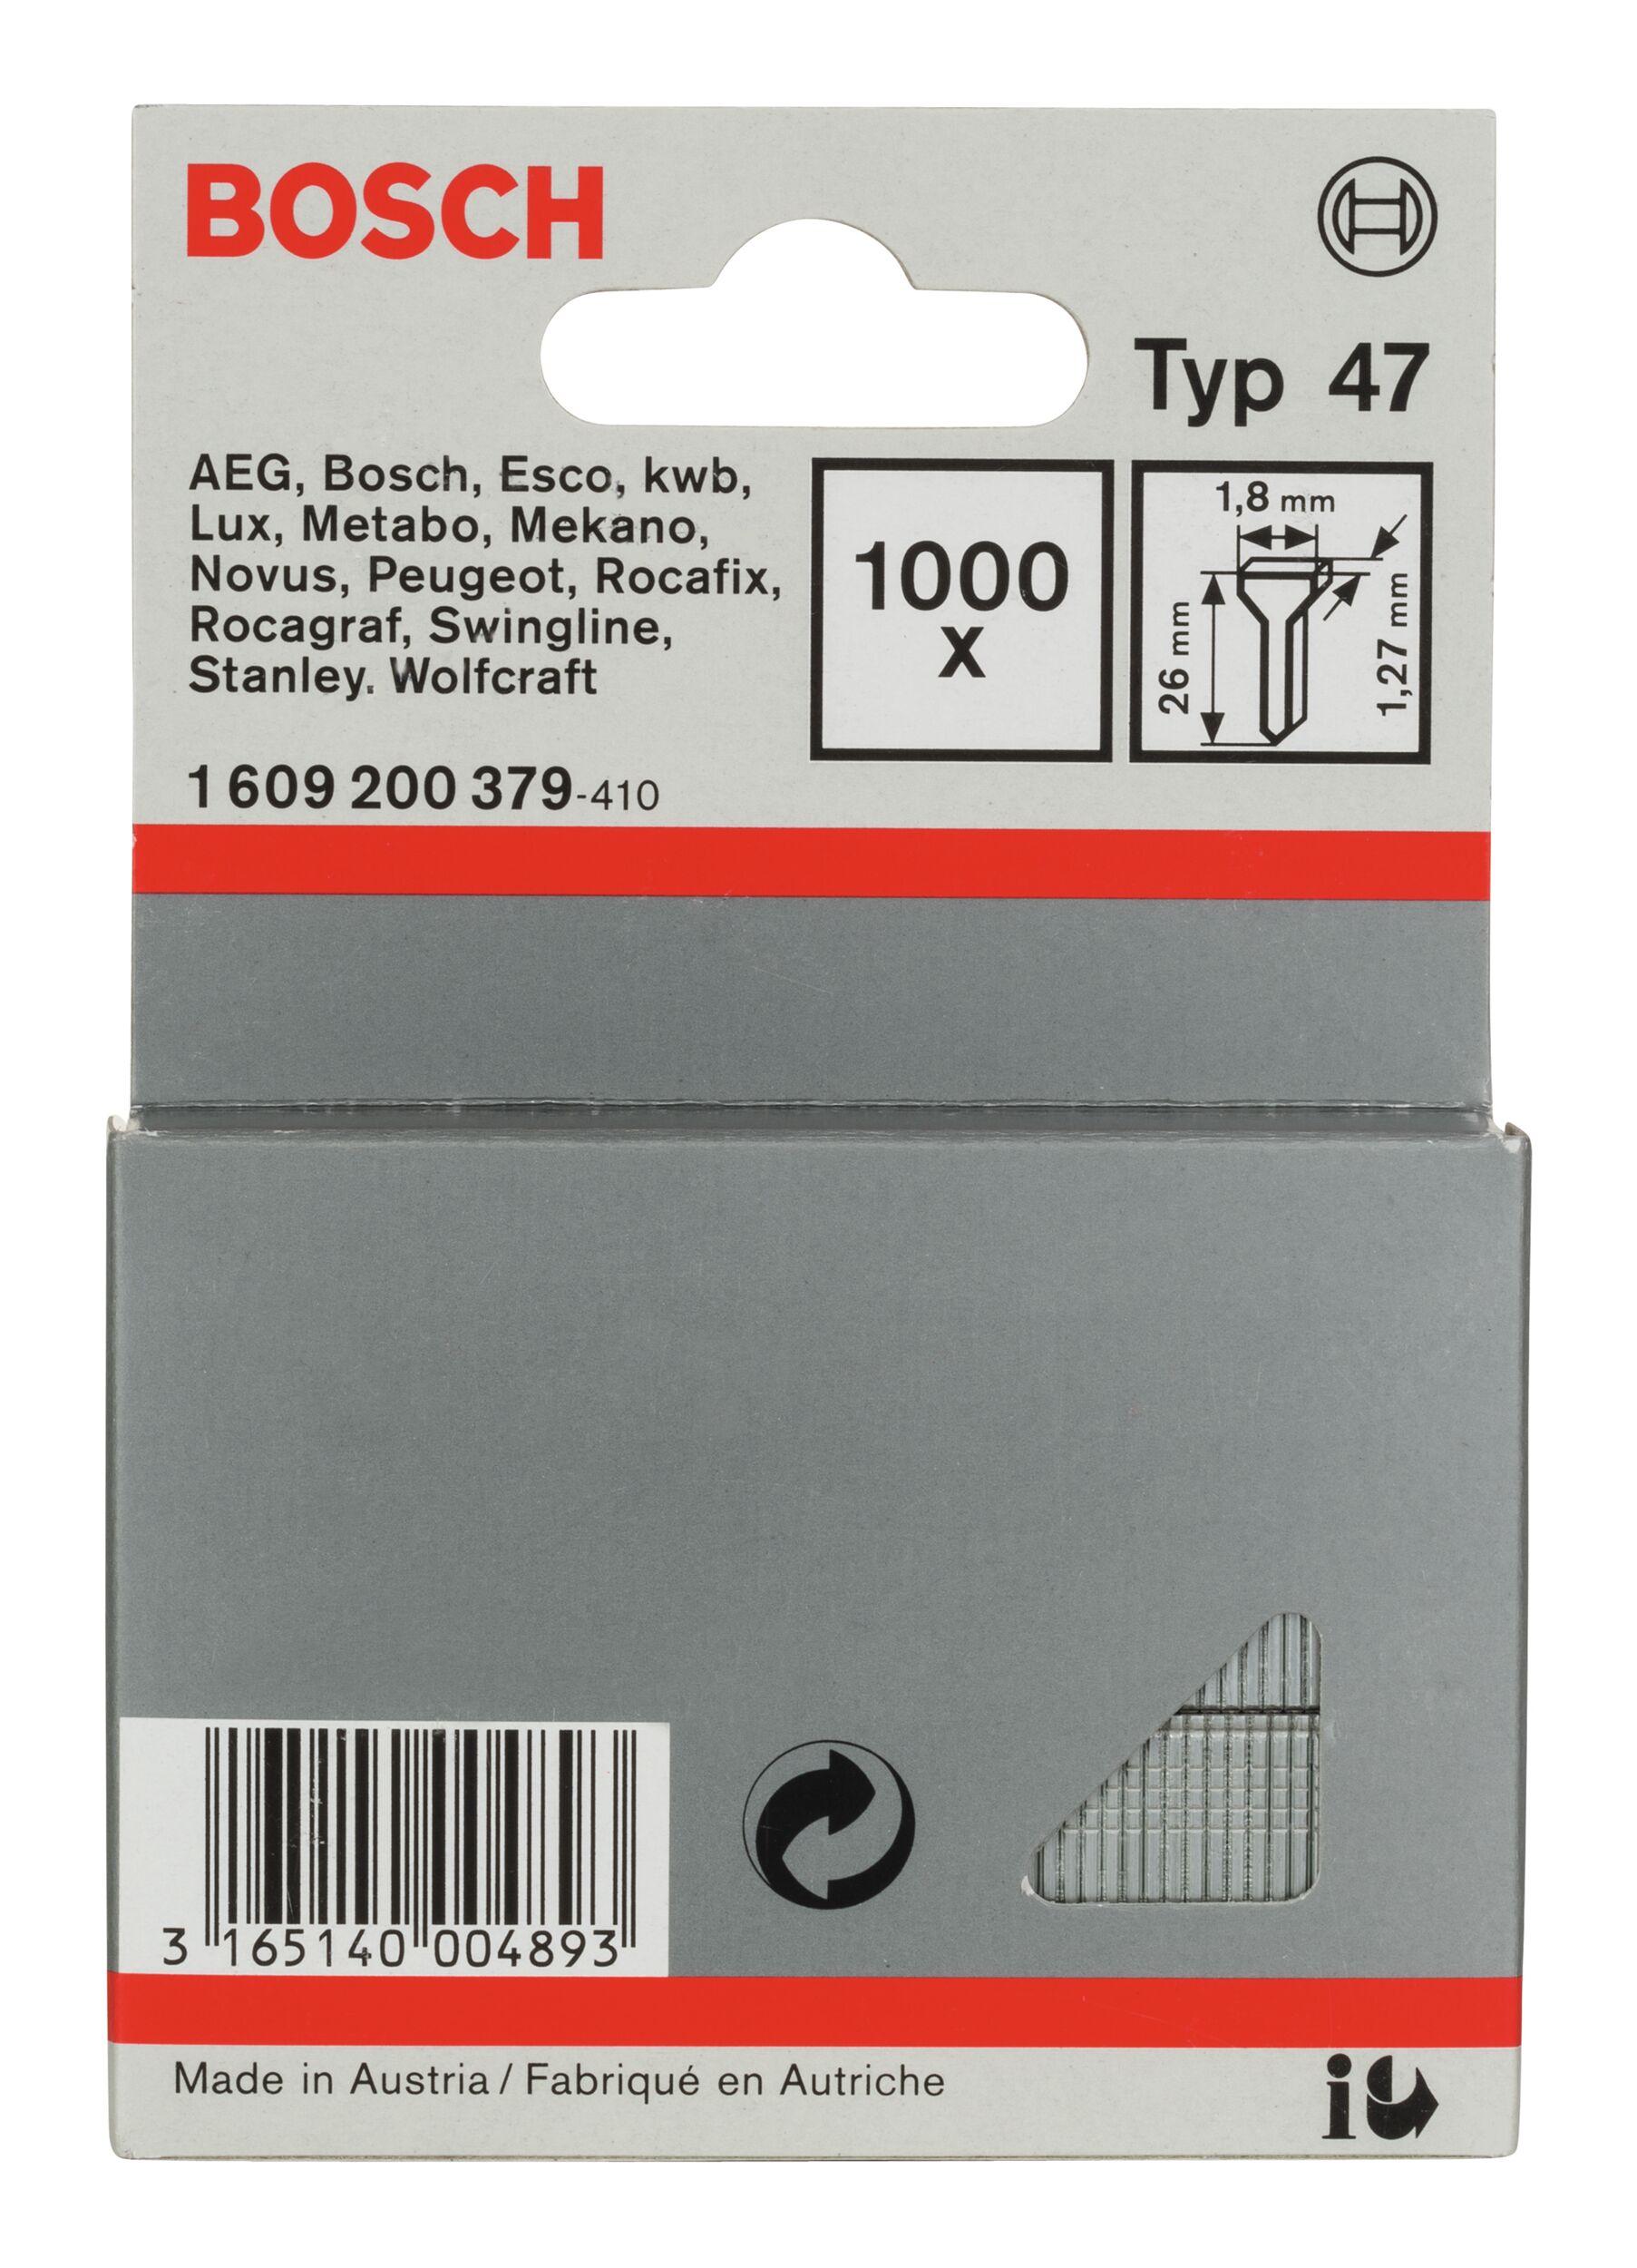 Bosch Zubehör Typ 47 Tackernagel - 1,27 x 26 x 1,8 mm -... 1609200379 (1.000 Stück)